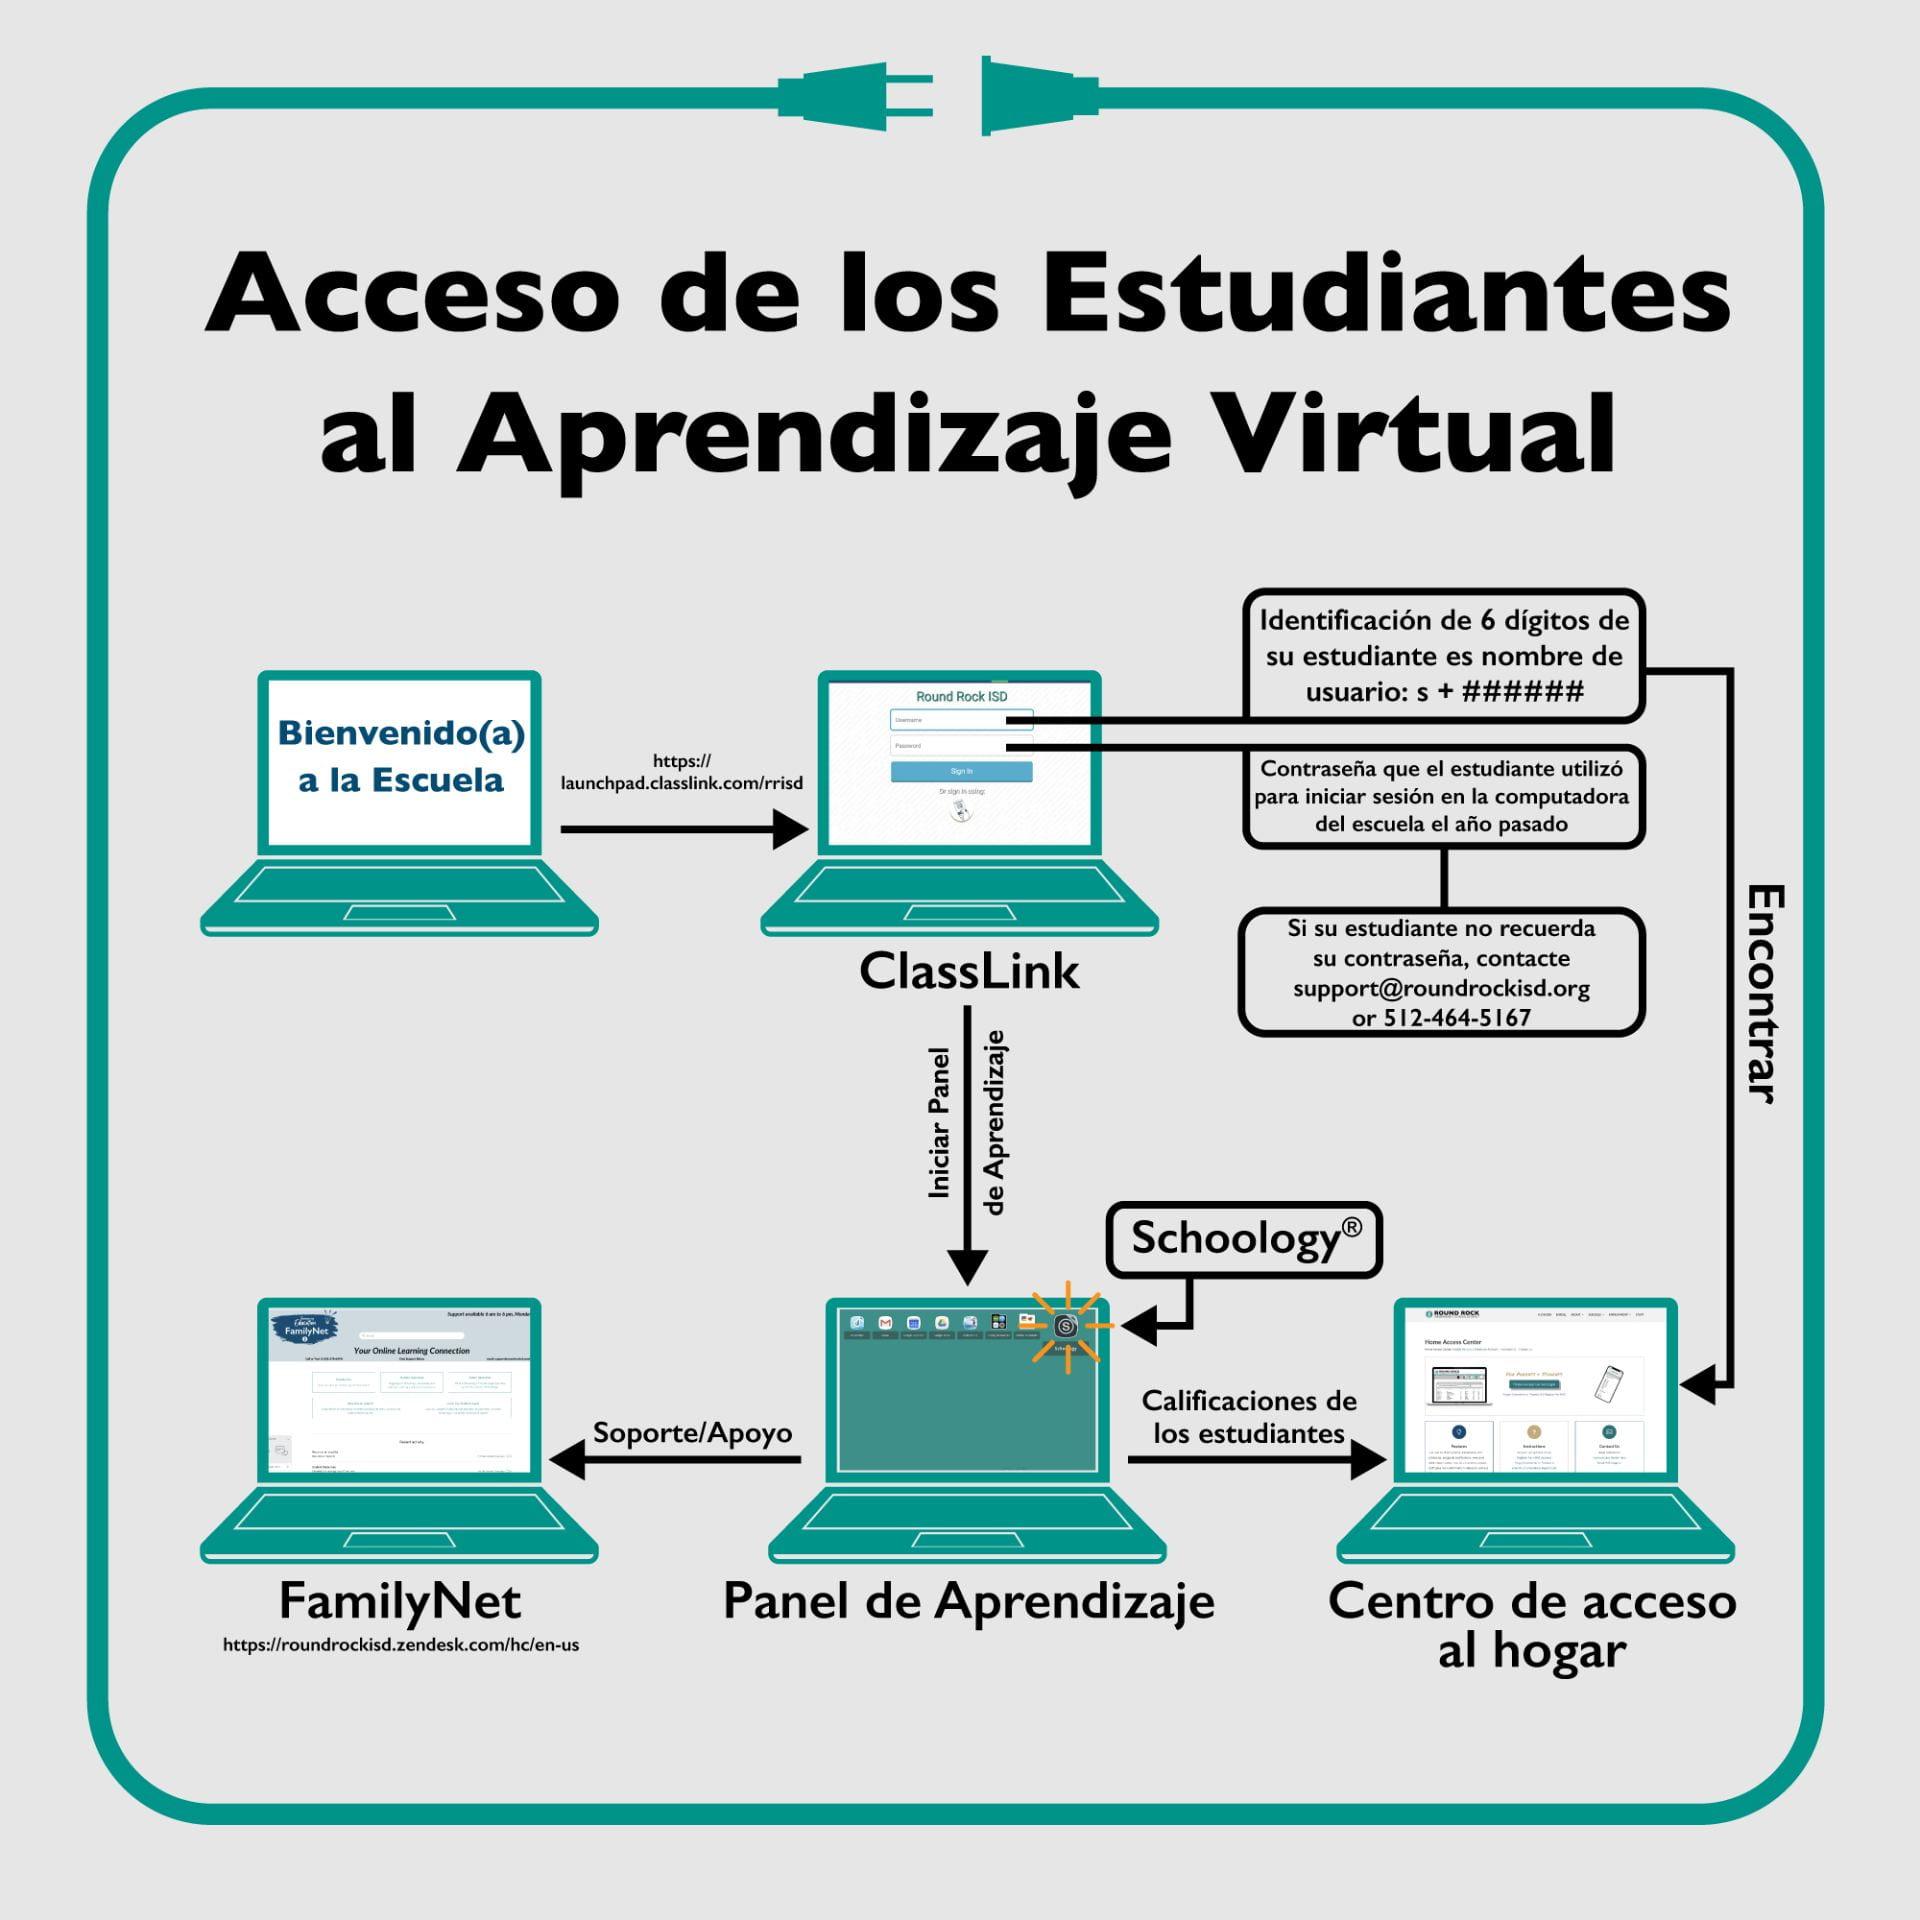 Acceso de los Estudiantes al Aprendizaje Virtual